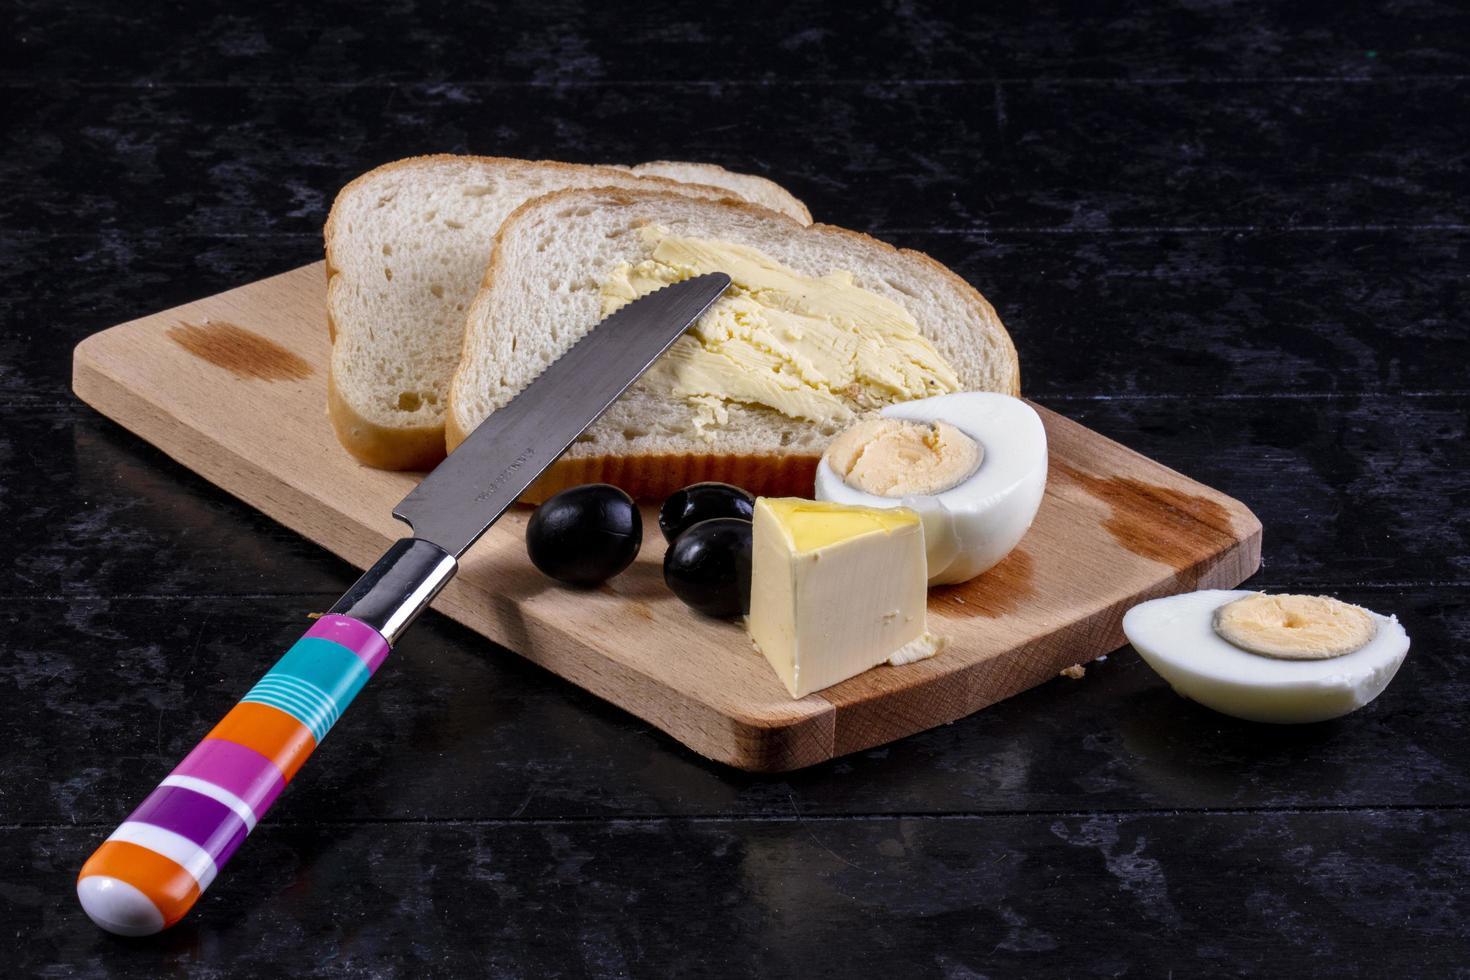 vooraanzicht van een brood en kaasplank foto